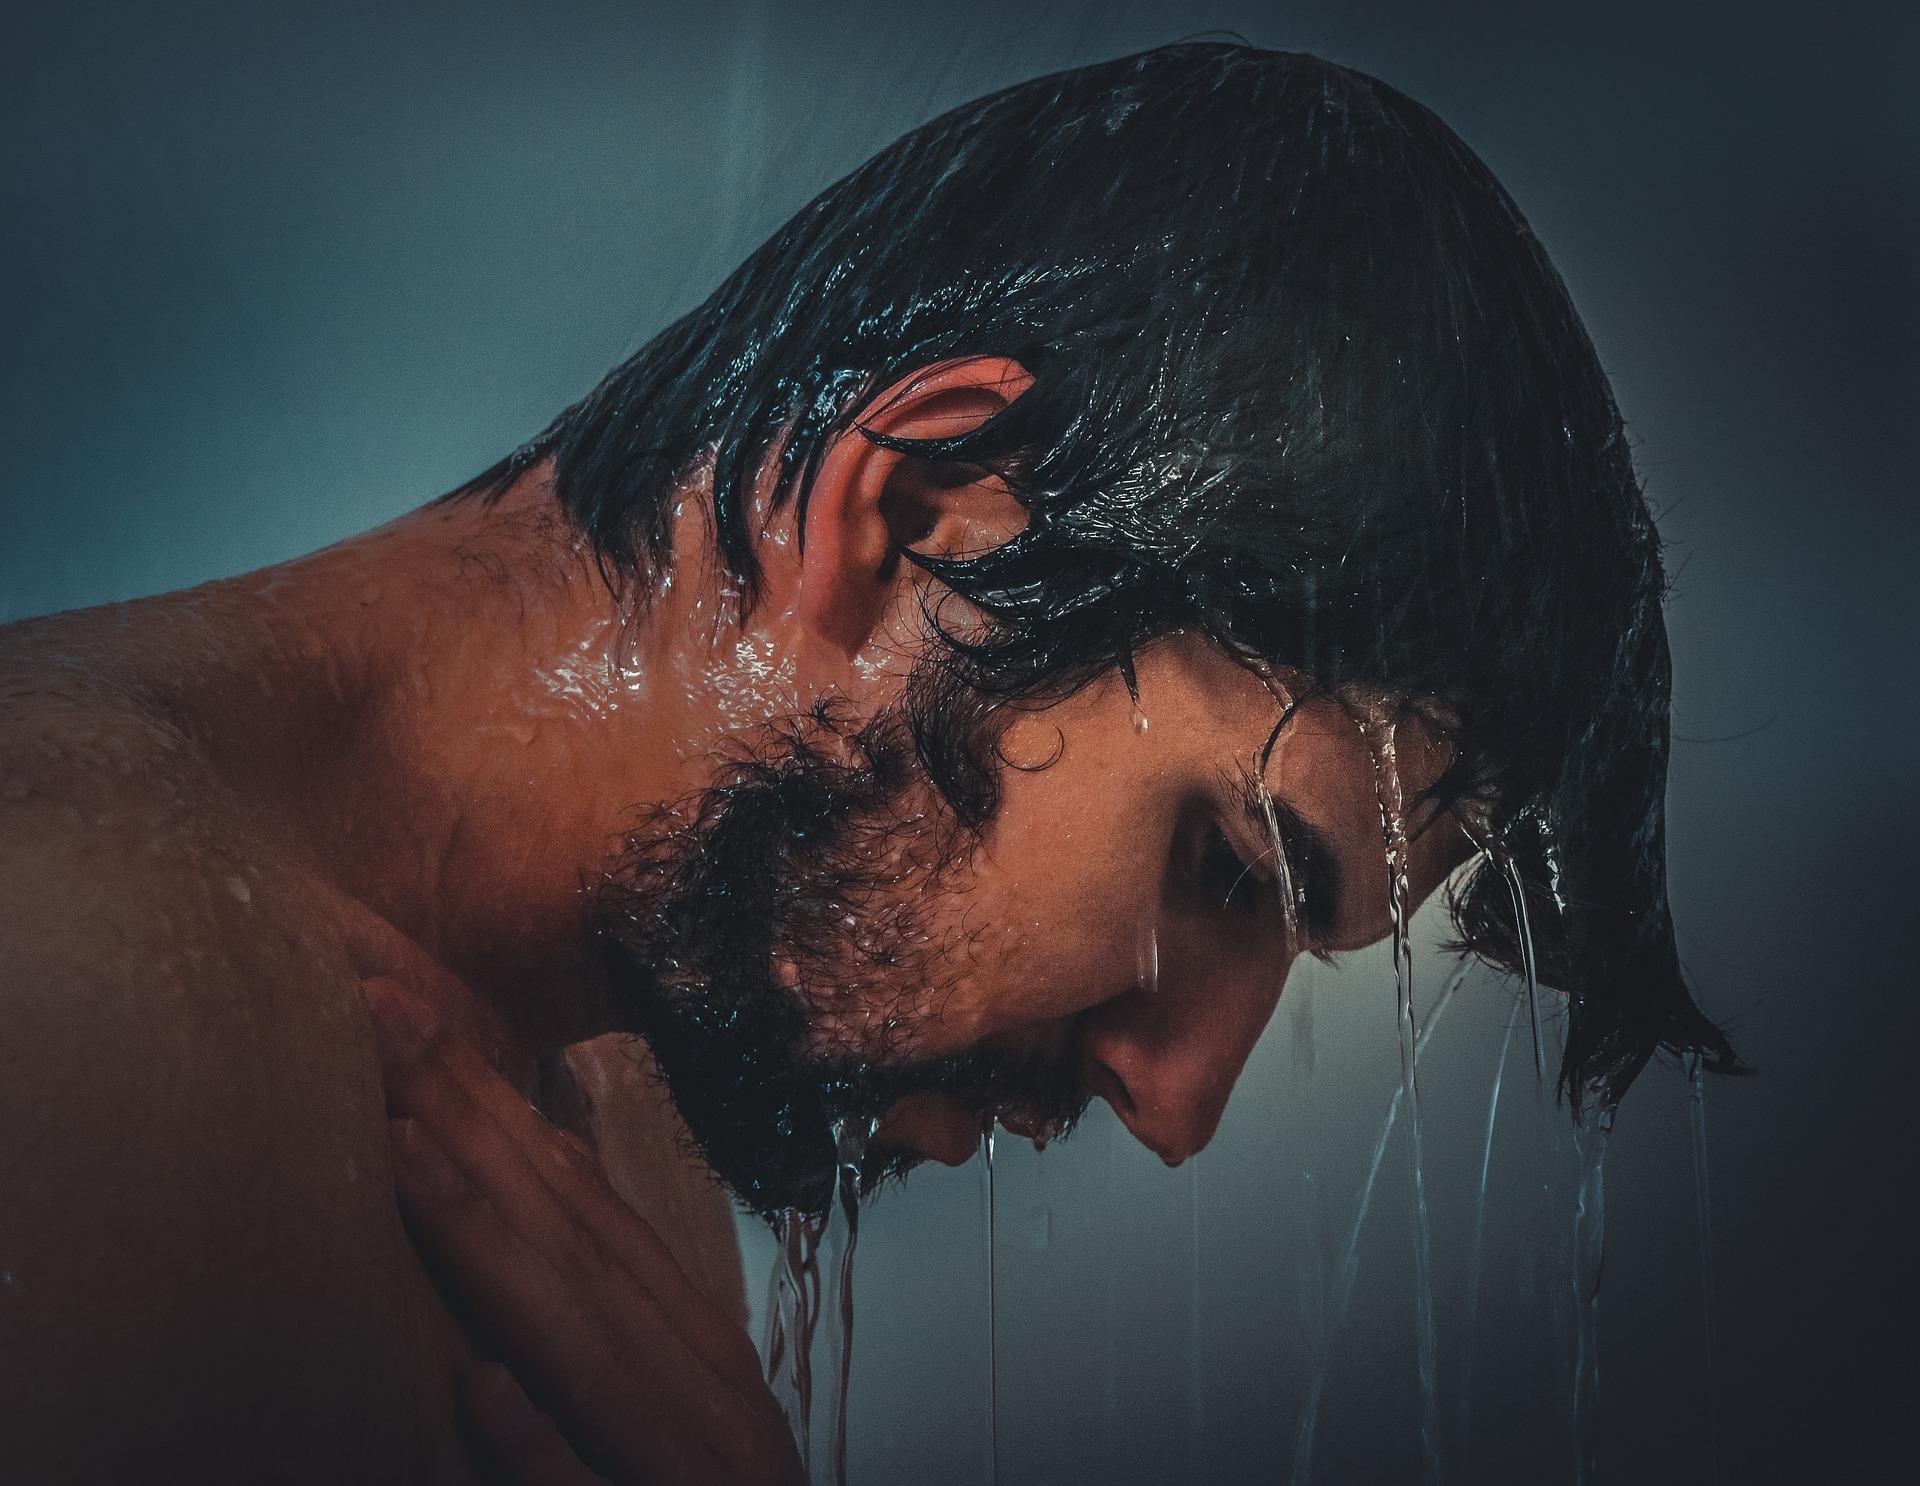 dimensiunea penisului pentru bărbații înalți